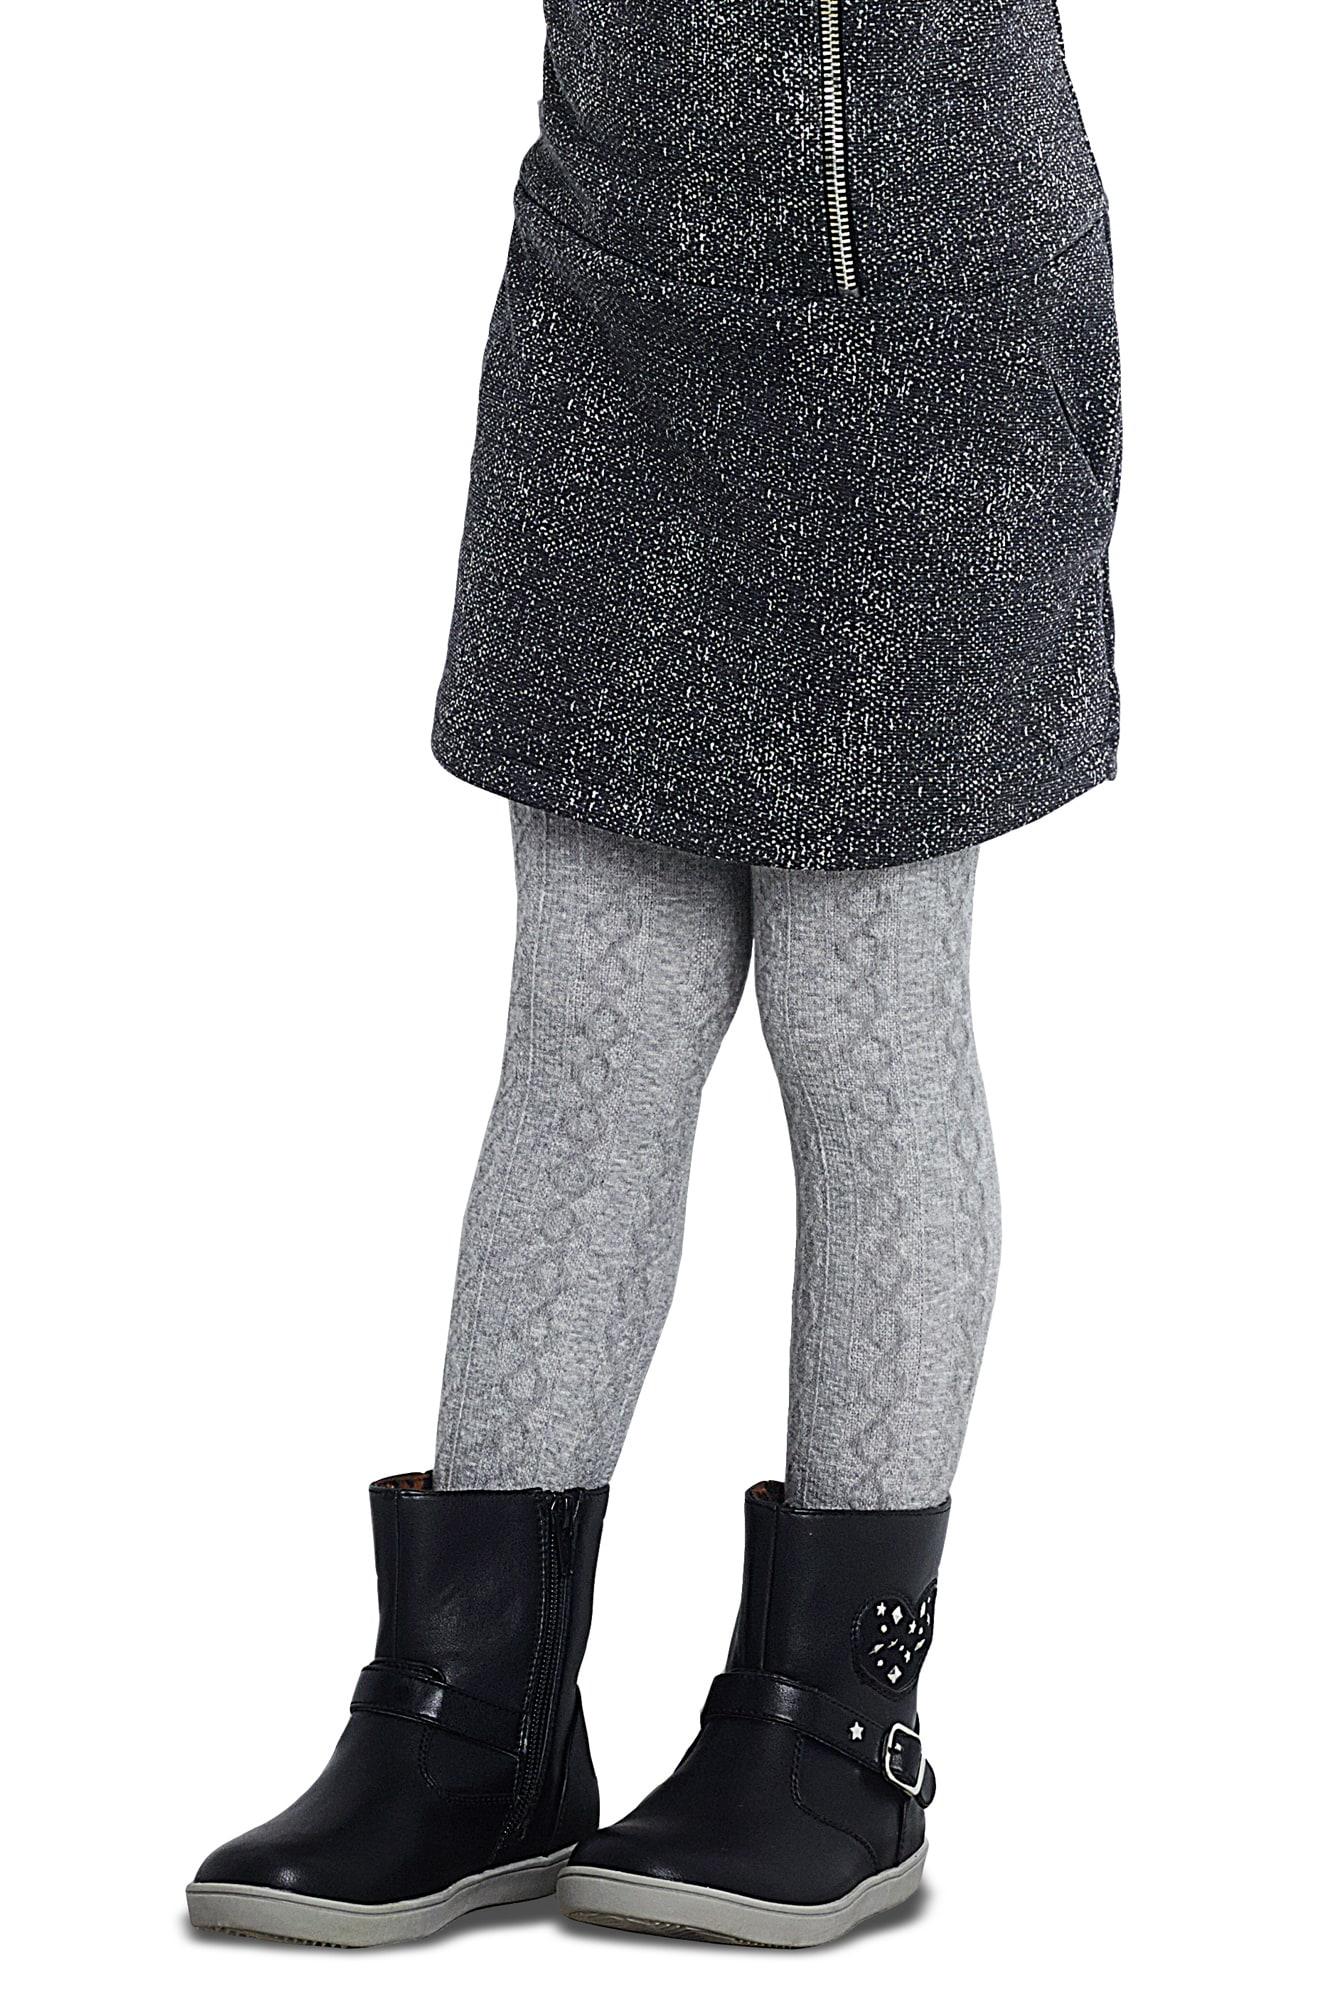 جوراب شلواری دخترانه طرح Karina رنگ طوسی |